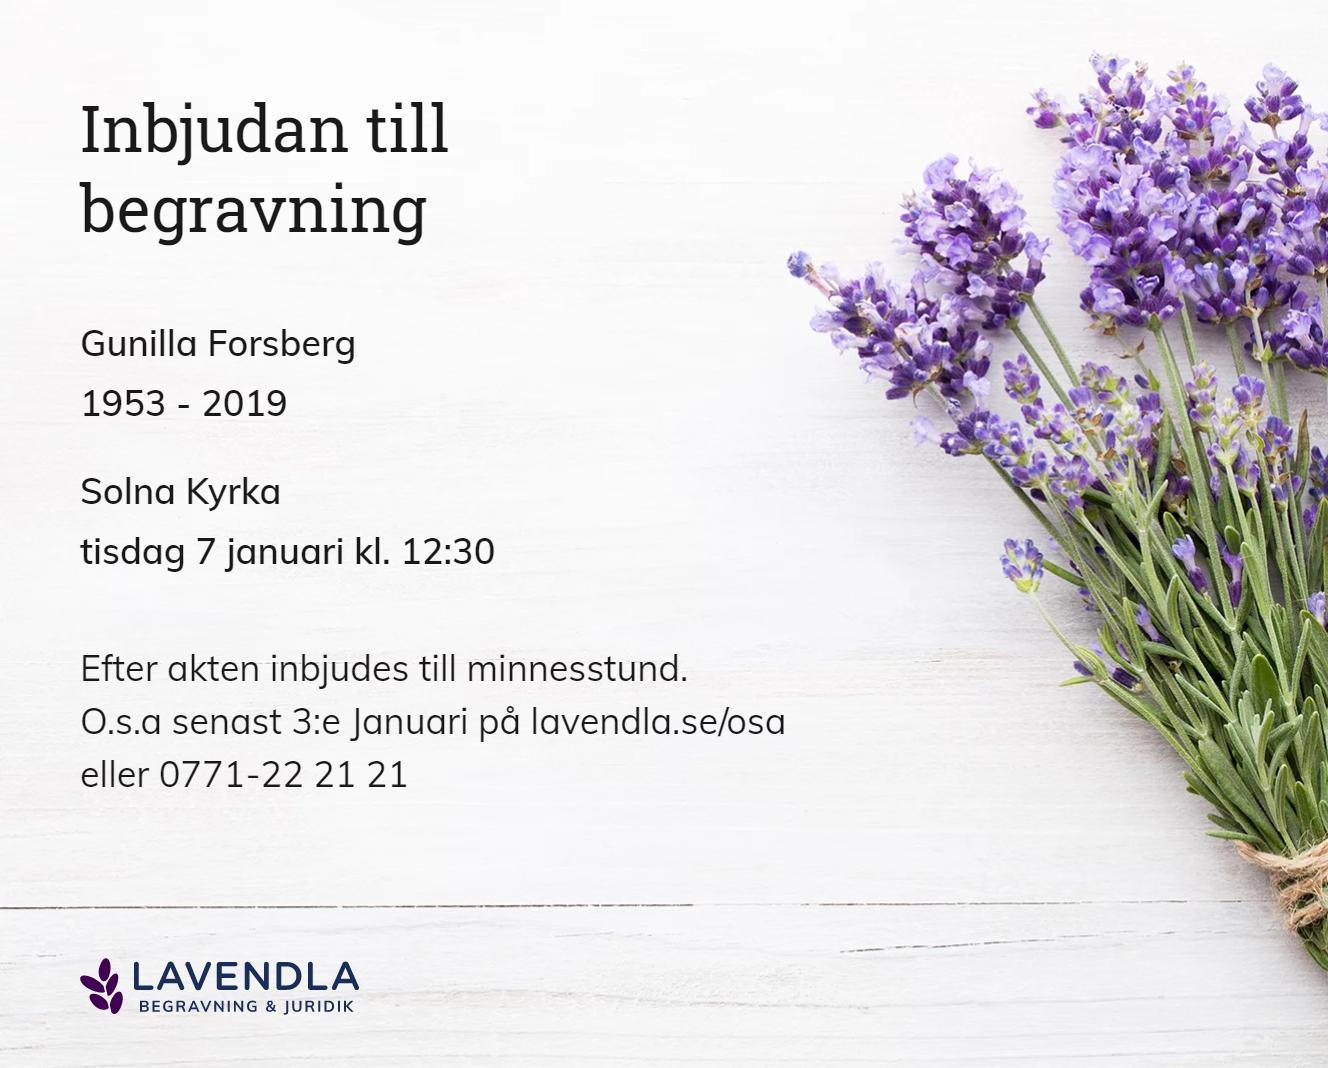 Inbjudningskort till ceremonin för Gunilla Forsberg